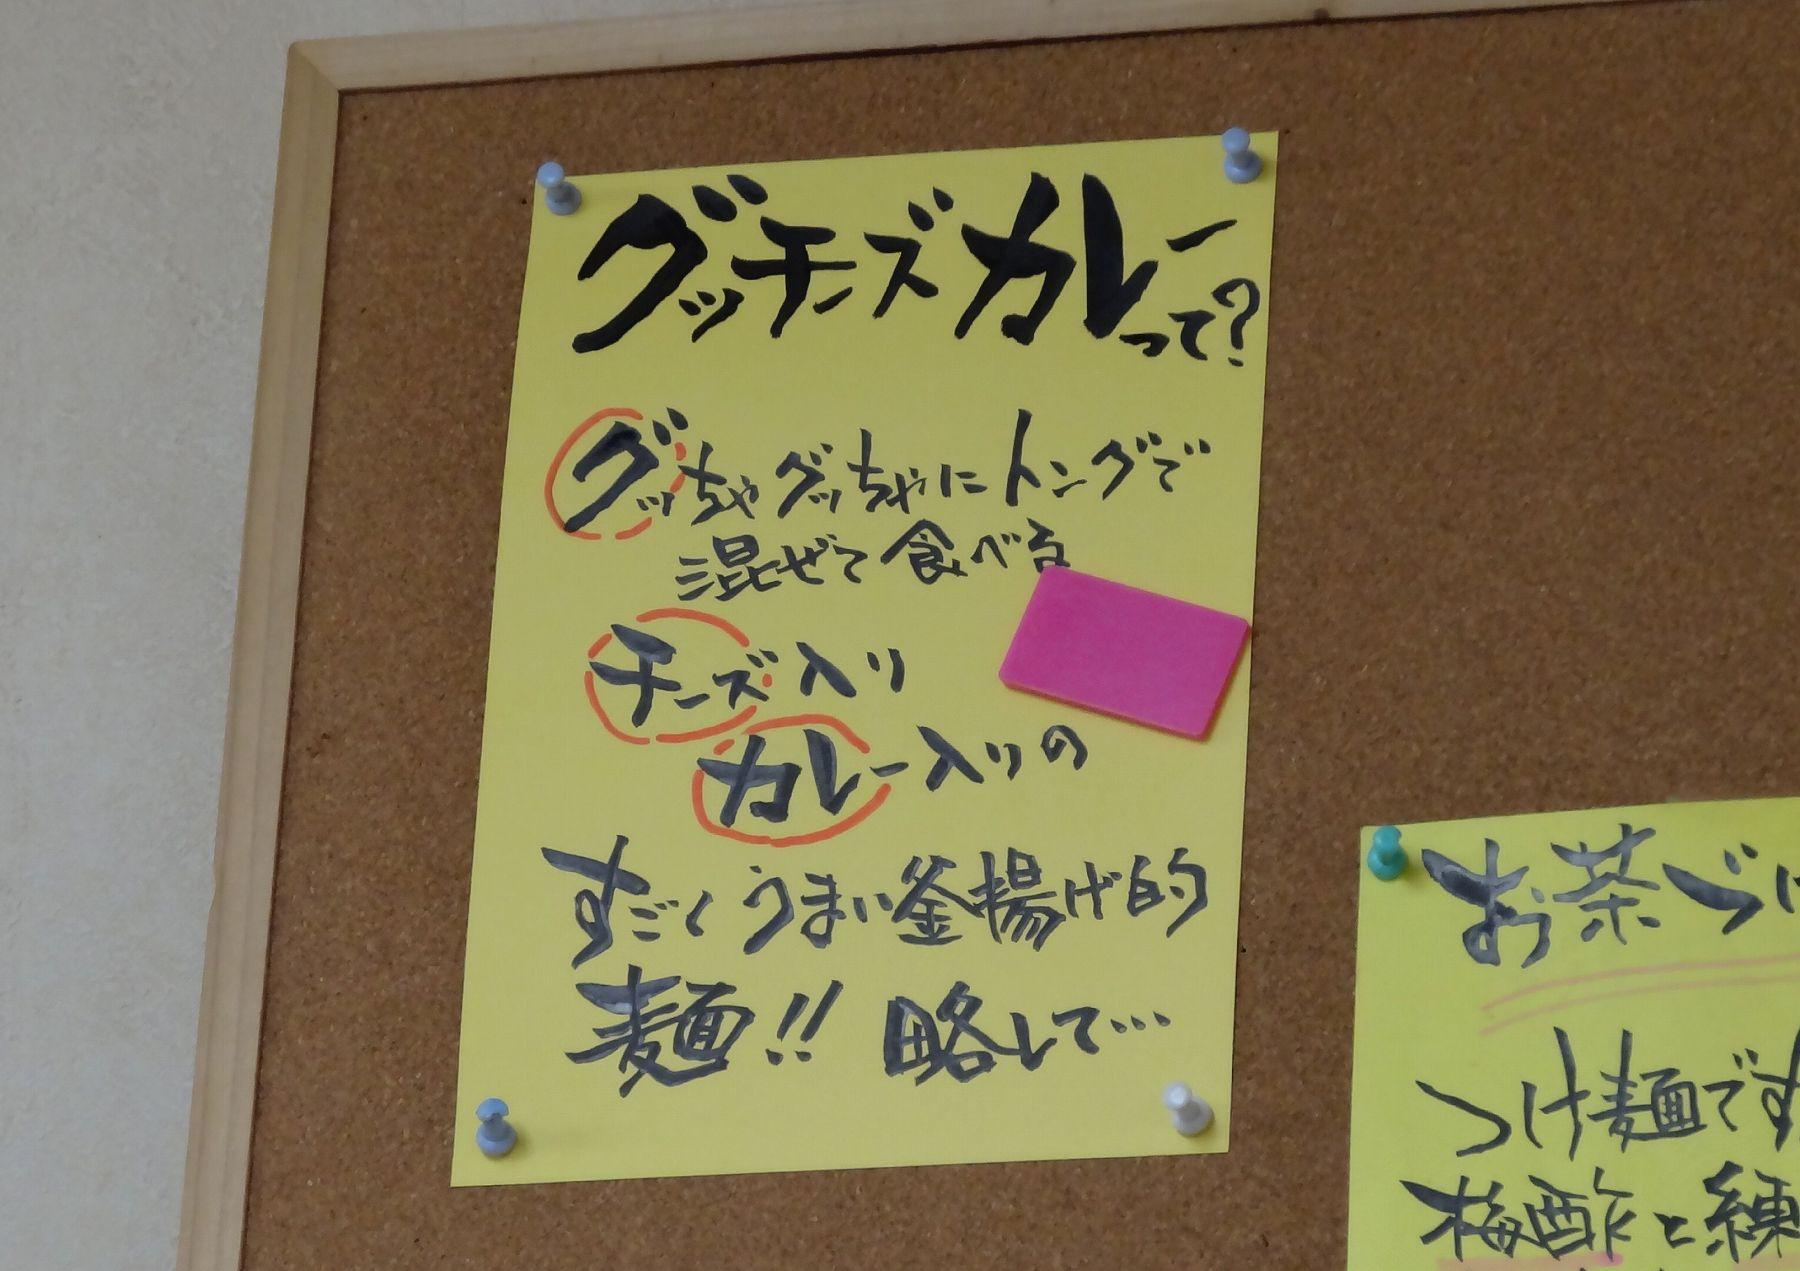 20121028009sumoji.jpg